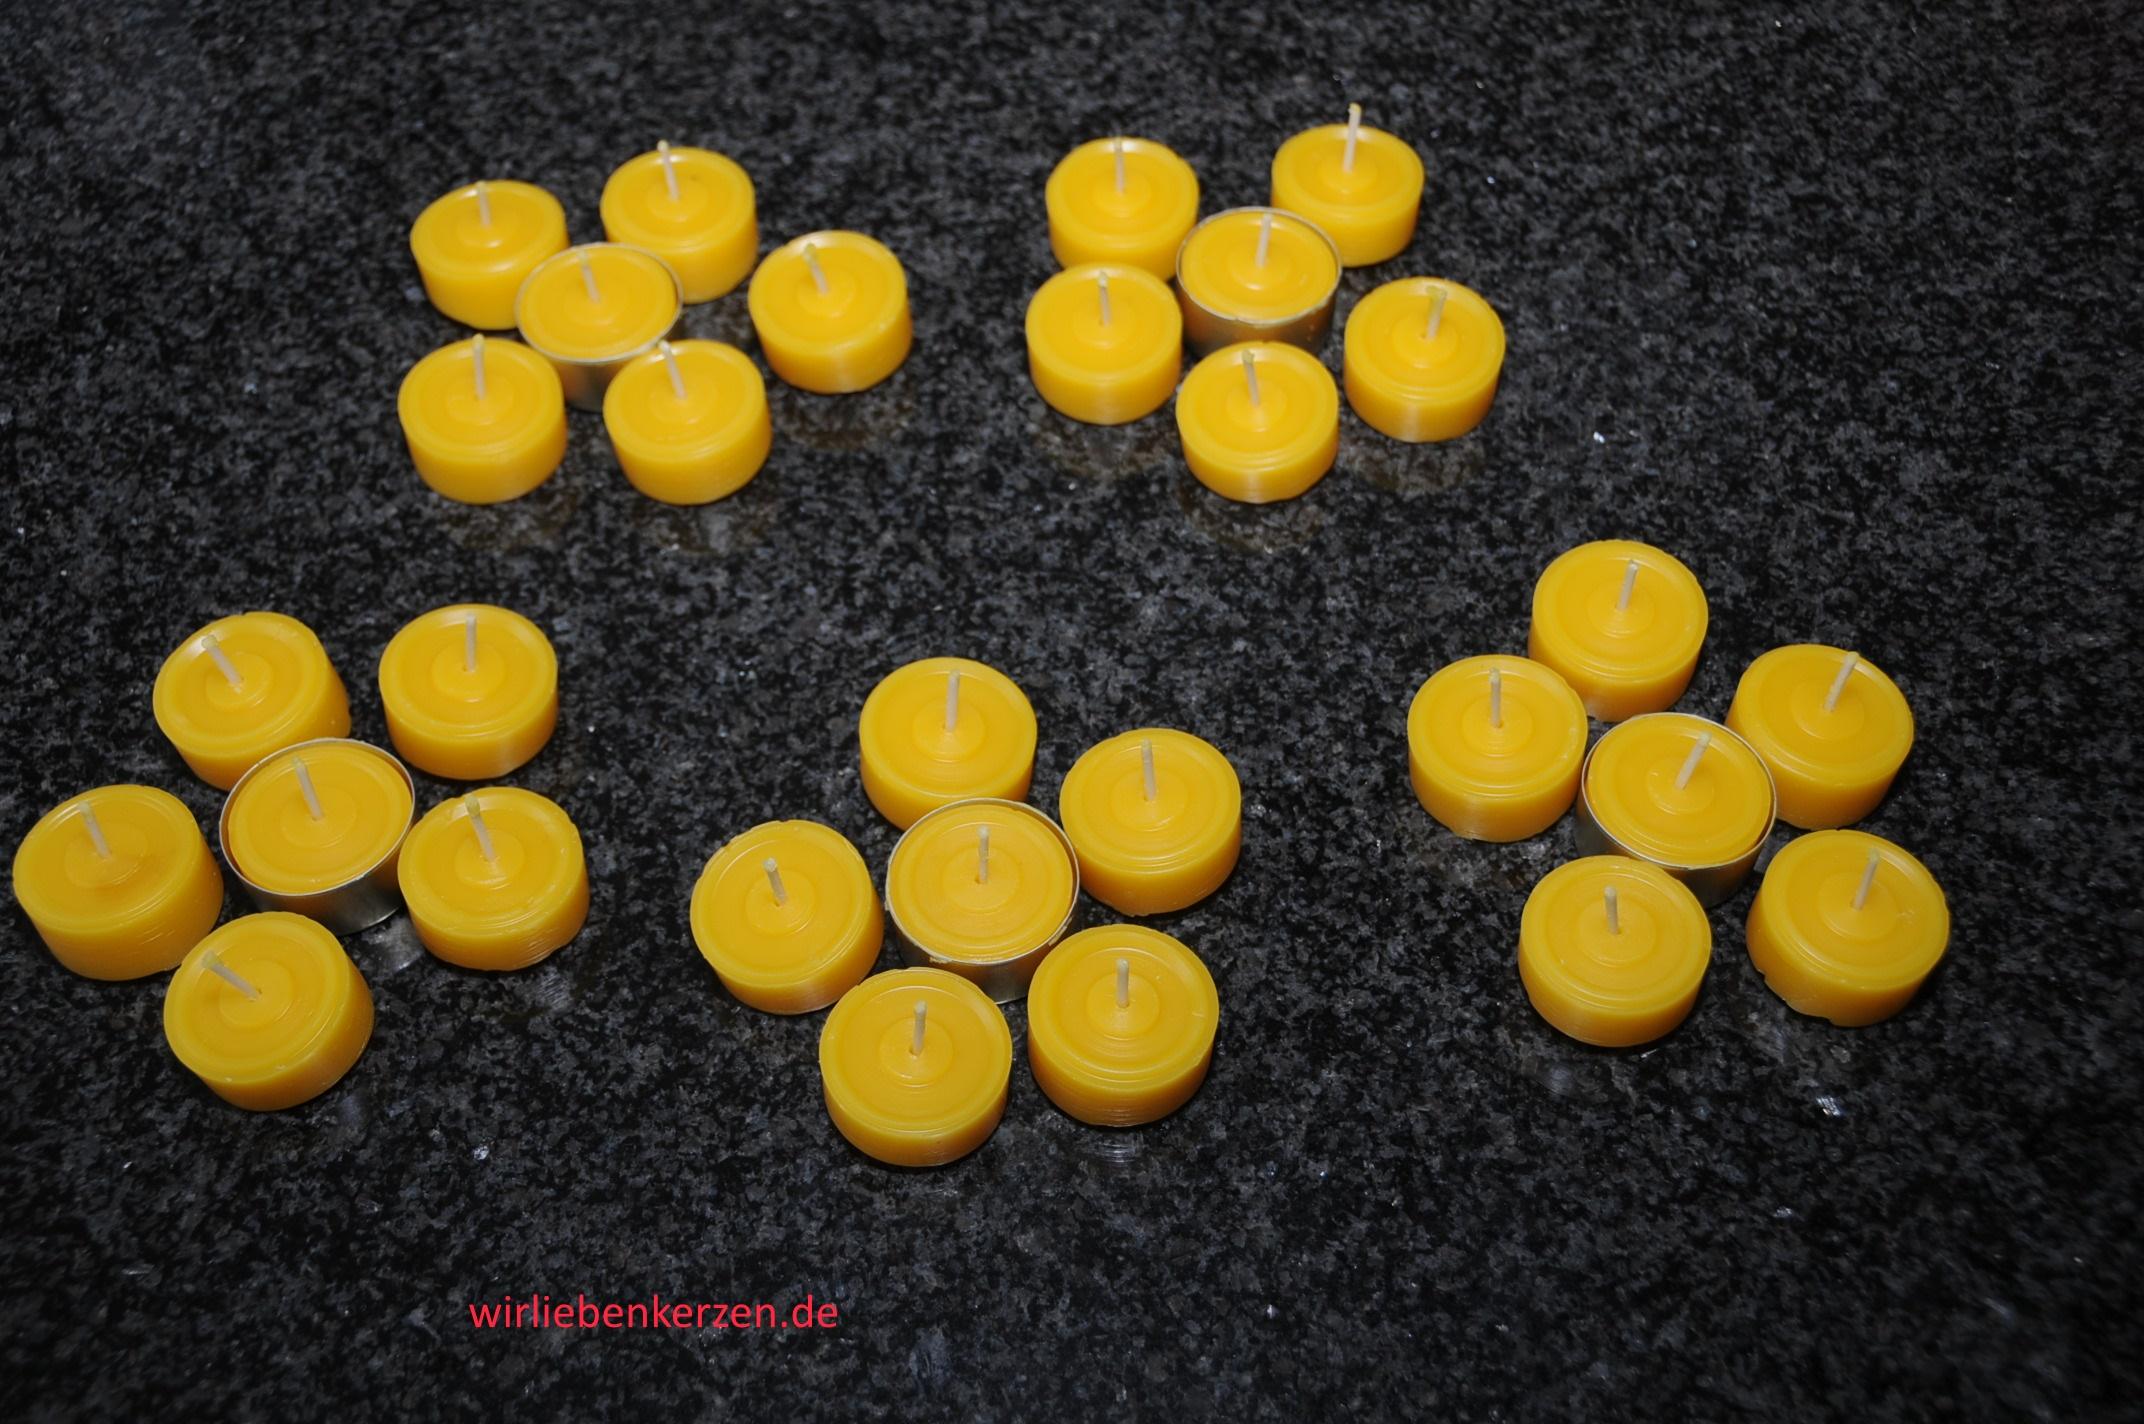 30 Teelichte 30 goldfarbene Hüllen 100% Bienenwachs